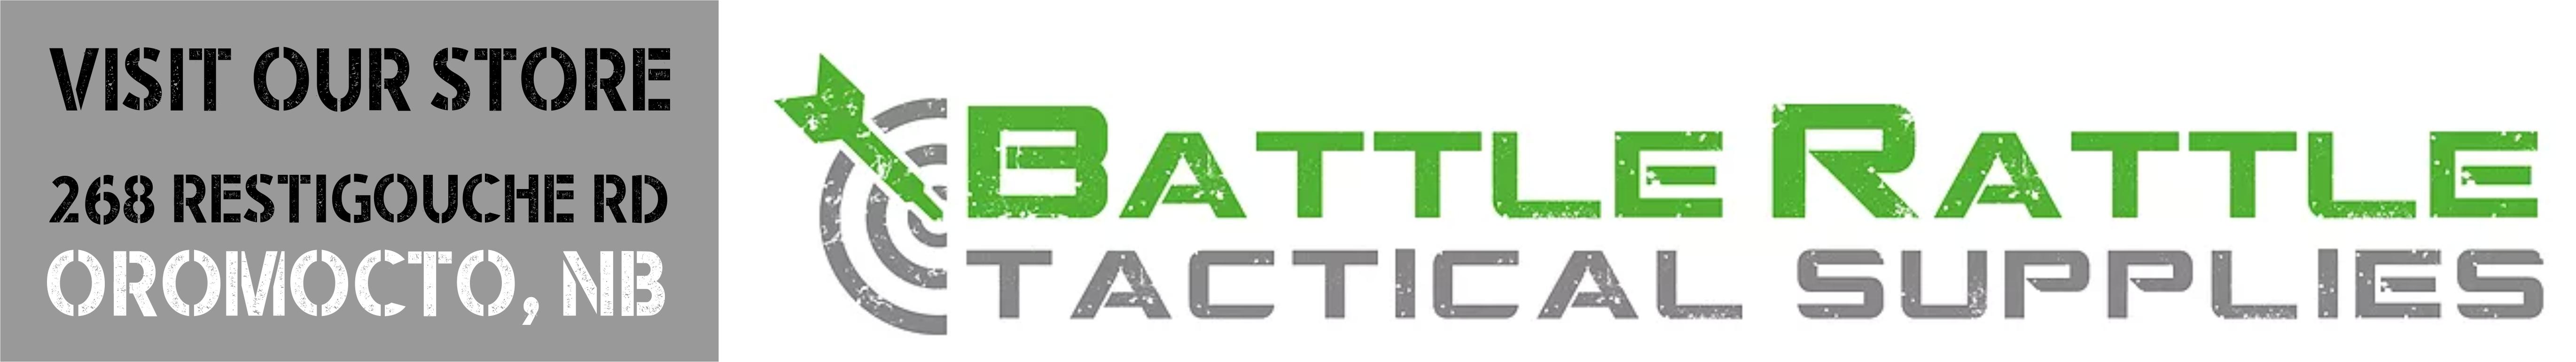 battlerattle-retail-banner.jpg